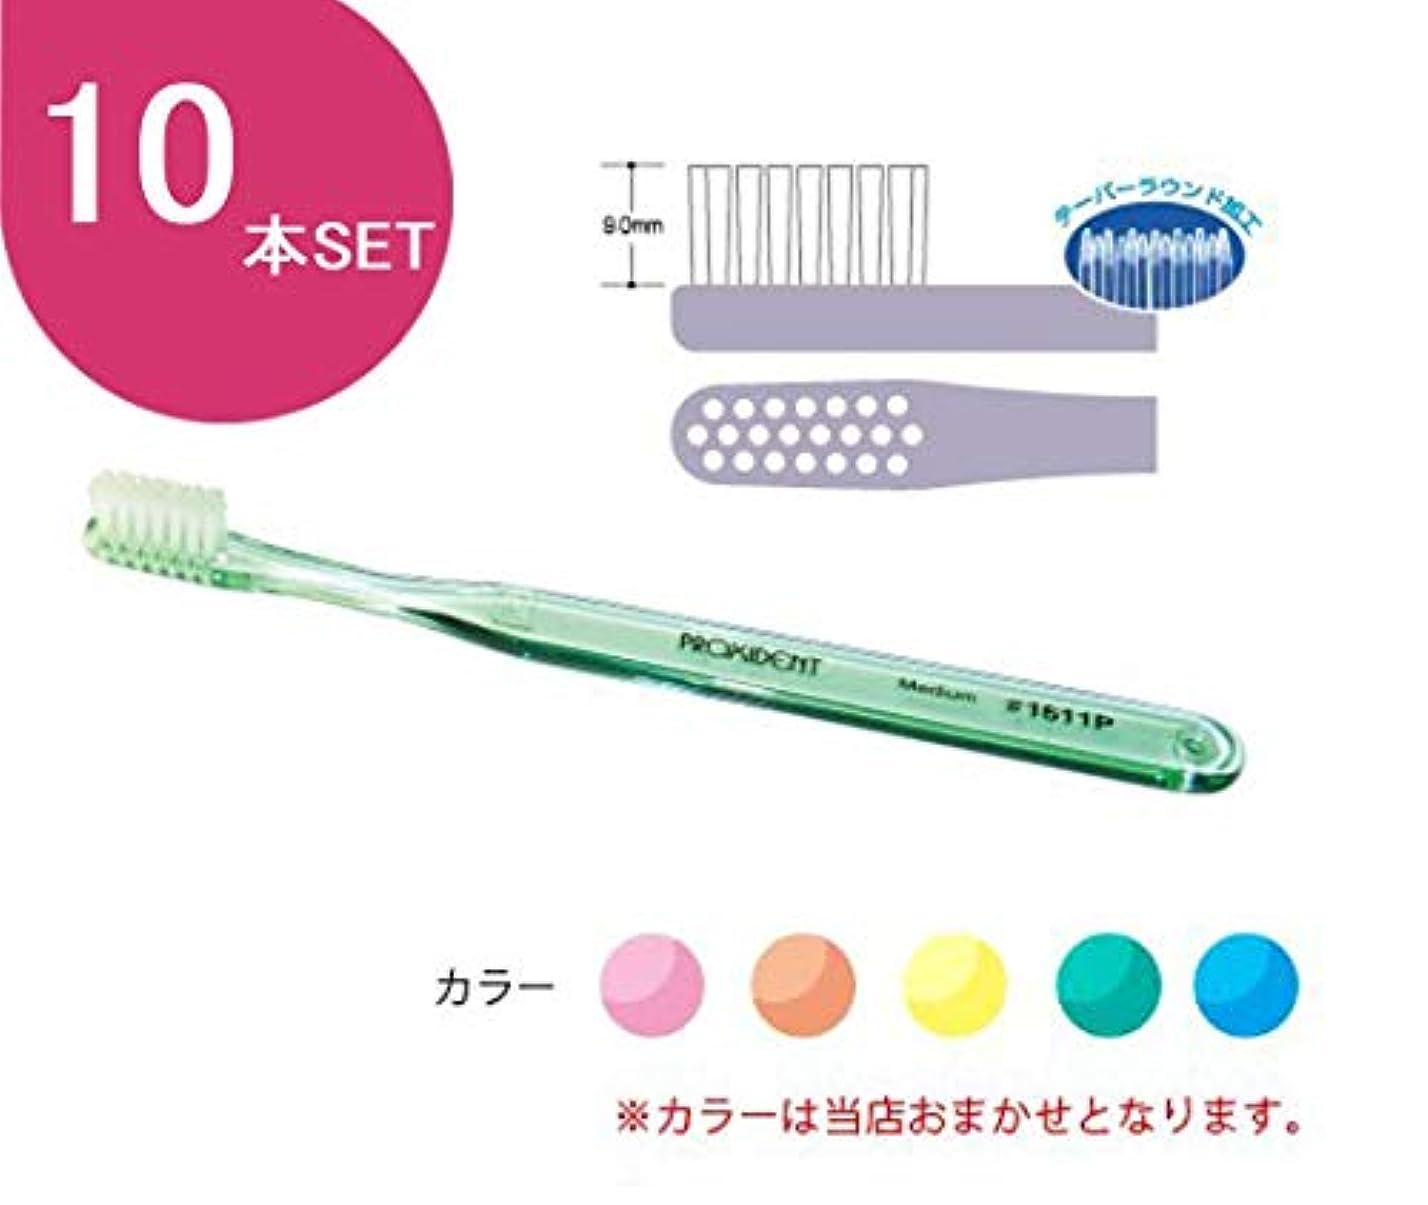 退屈ベックス自分のプローデント プロキシデント #1611P 歯ブラシ 10本入